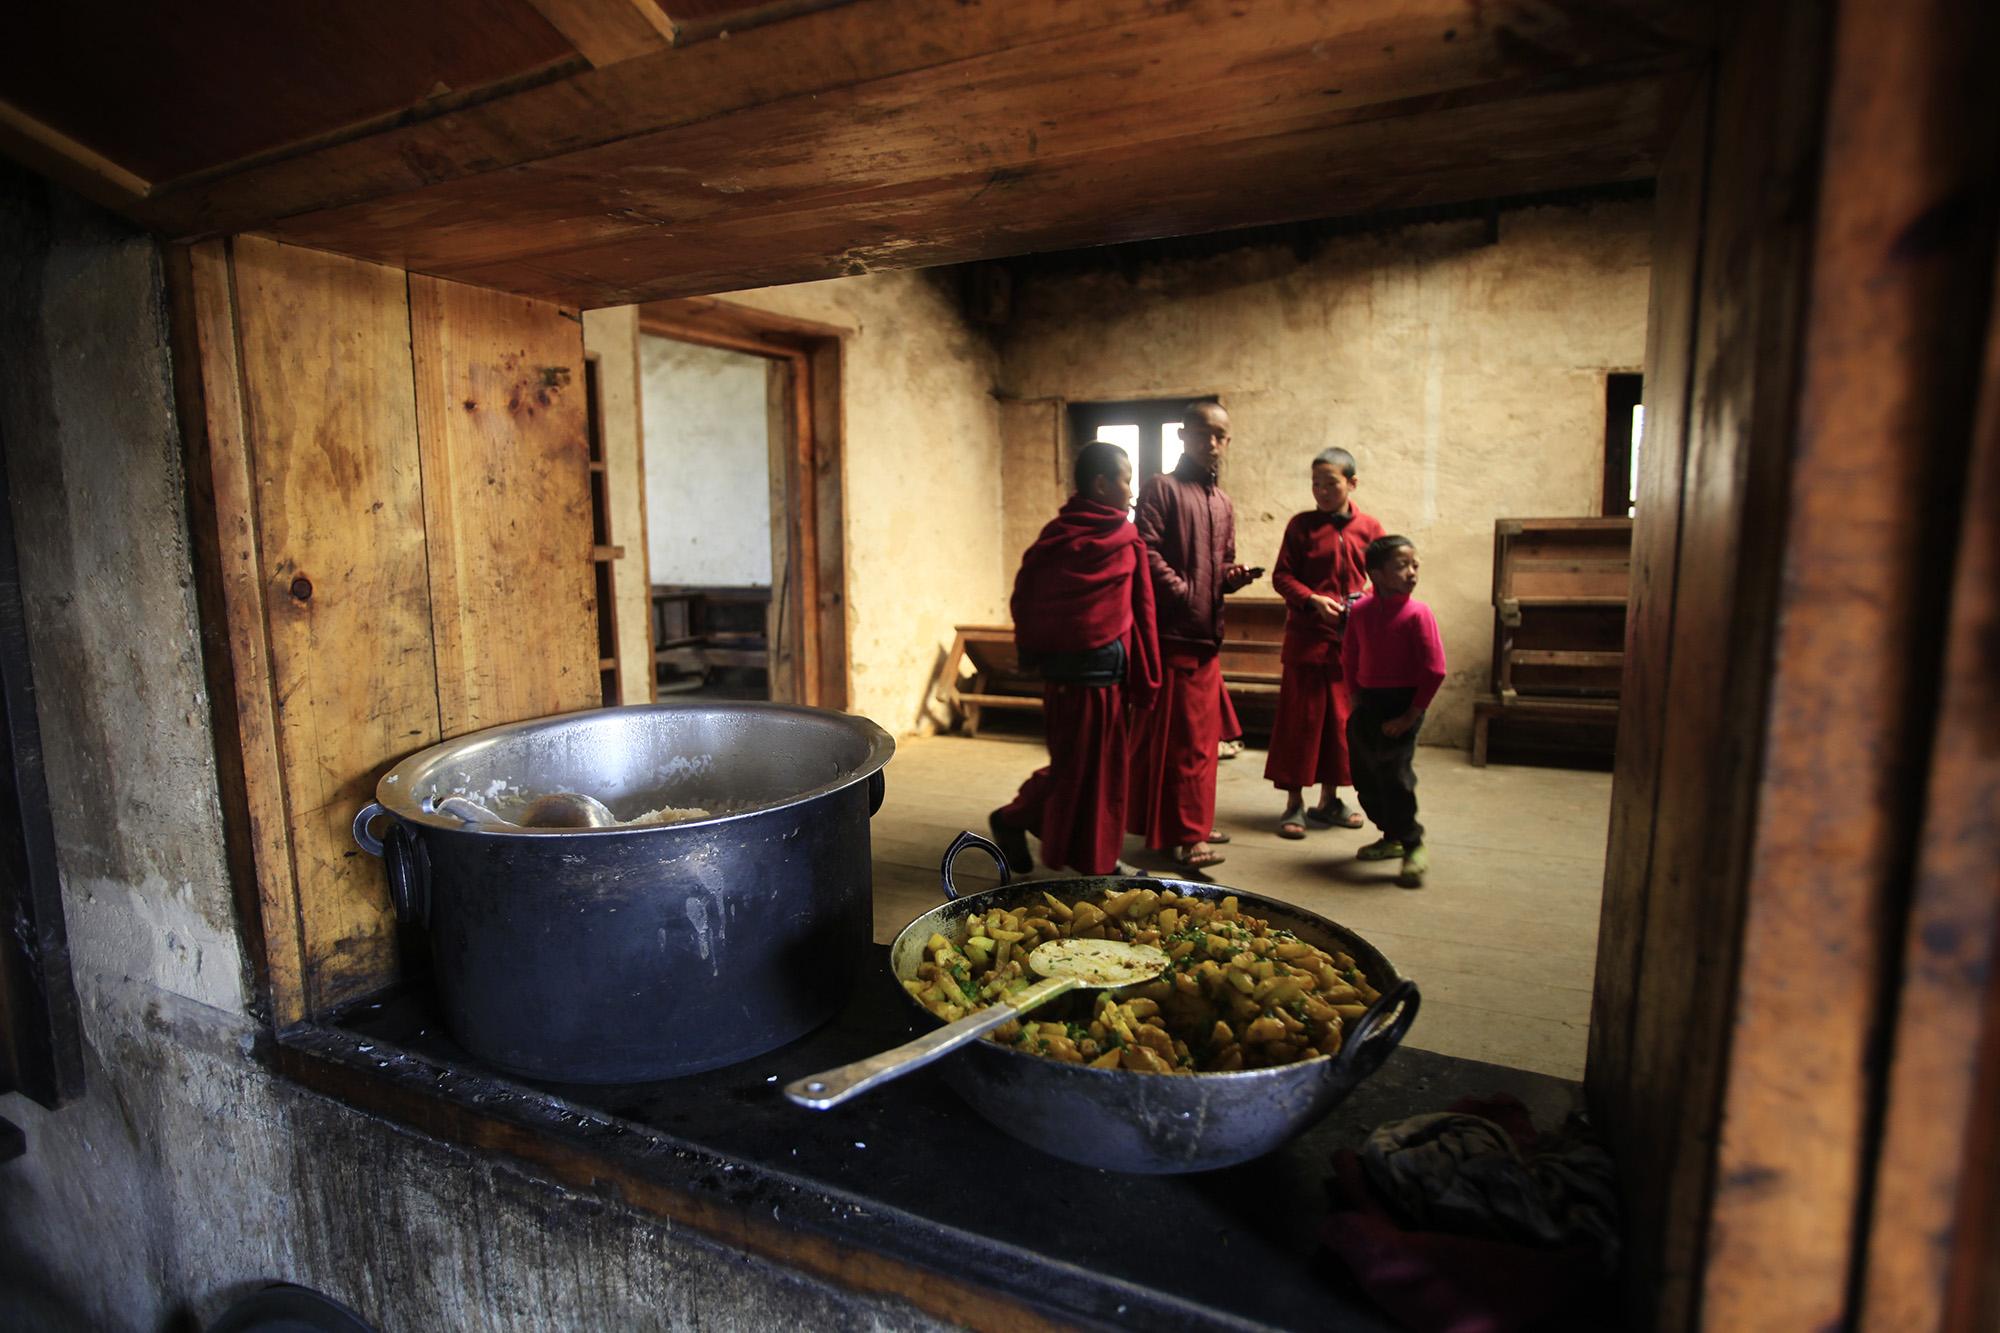 Reportage | Losan Piatti - Fotografo Italia_Nepal 2015_Mount Everest School Mensa